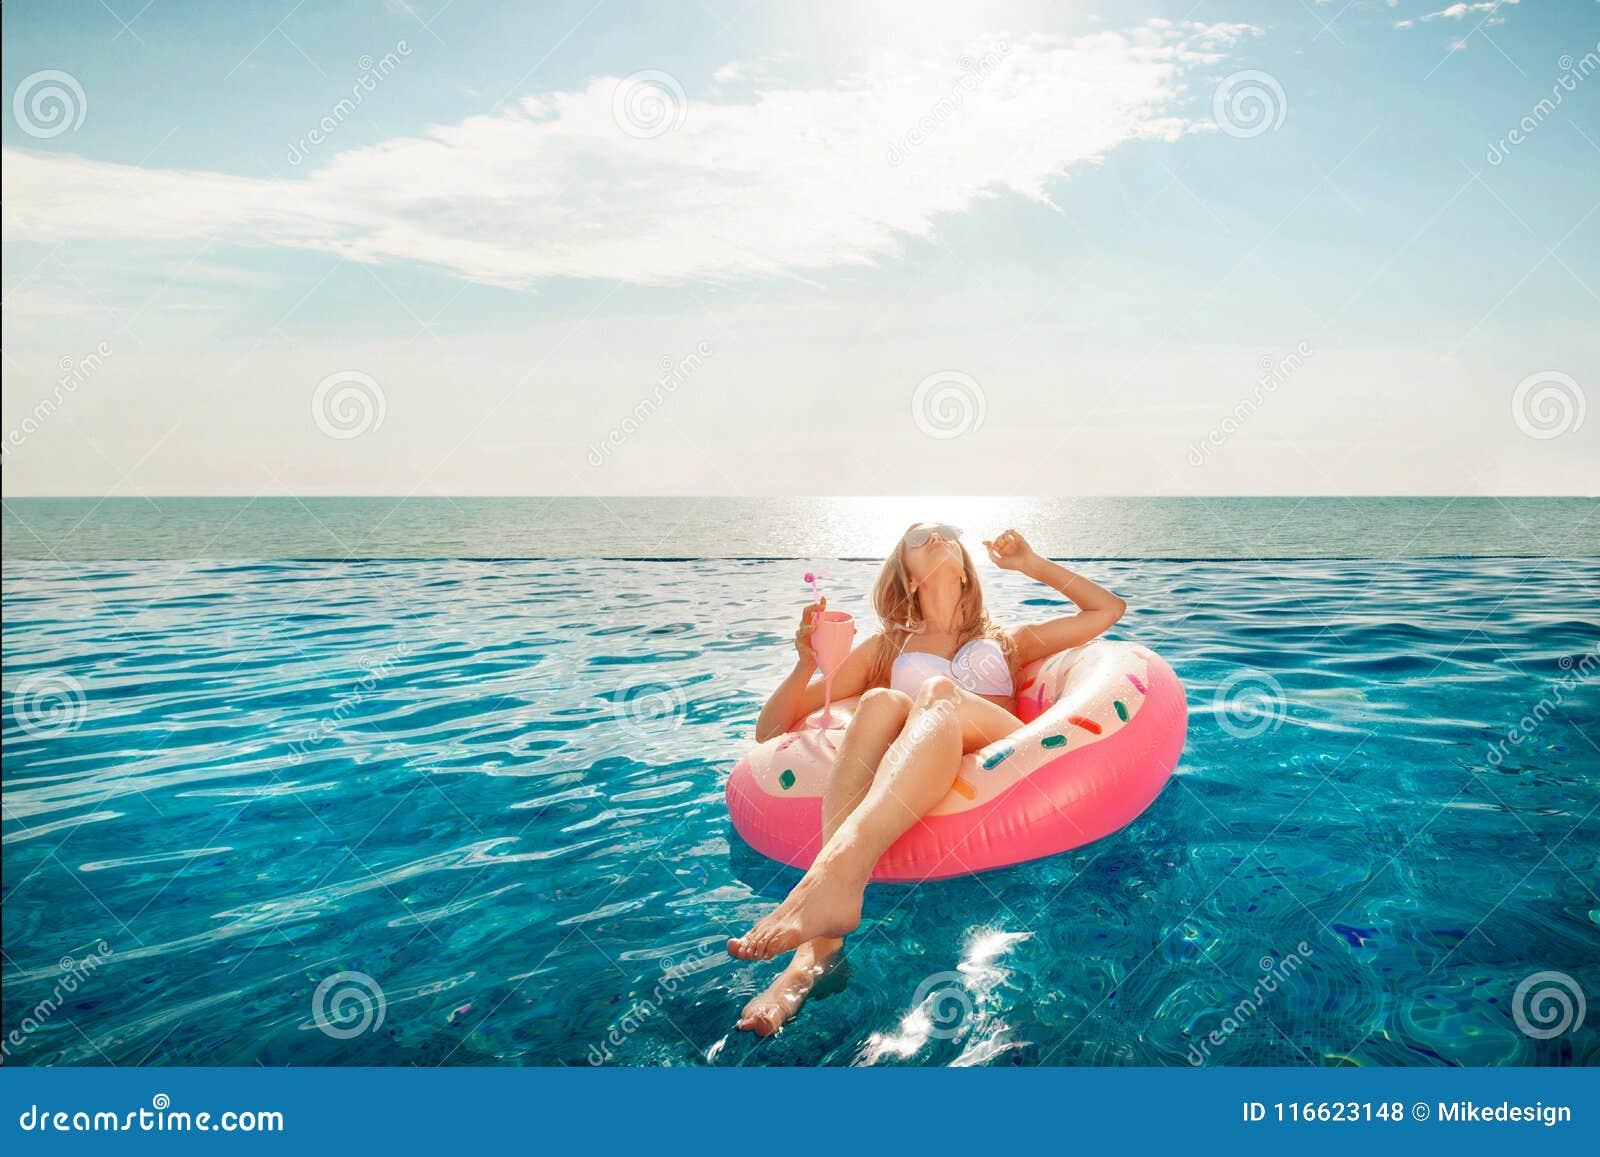 Katya krasnodar夏天领土假期 比基尼泳装的妇女在温泉游泳池的可膨胀的多福饼床垫